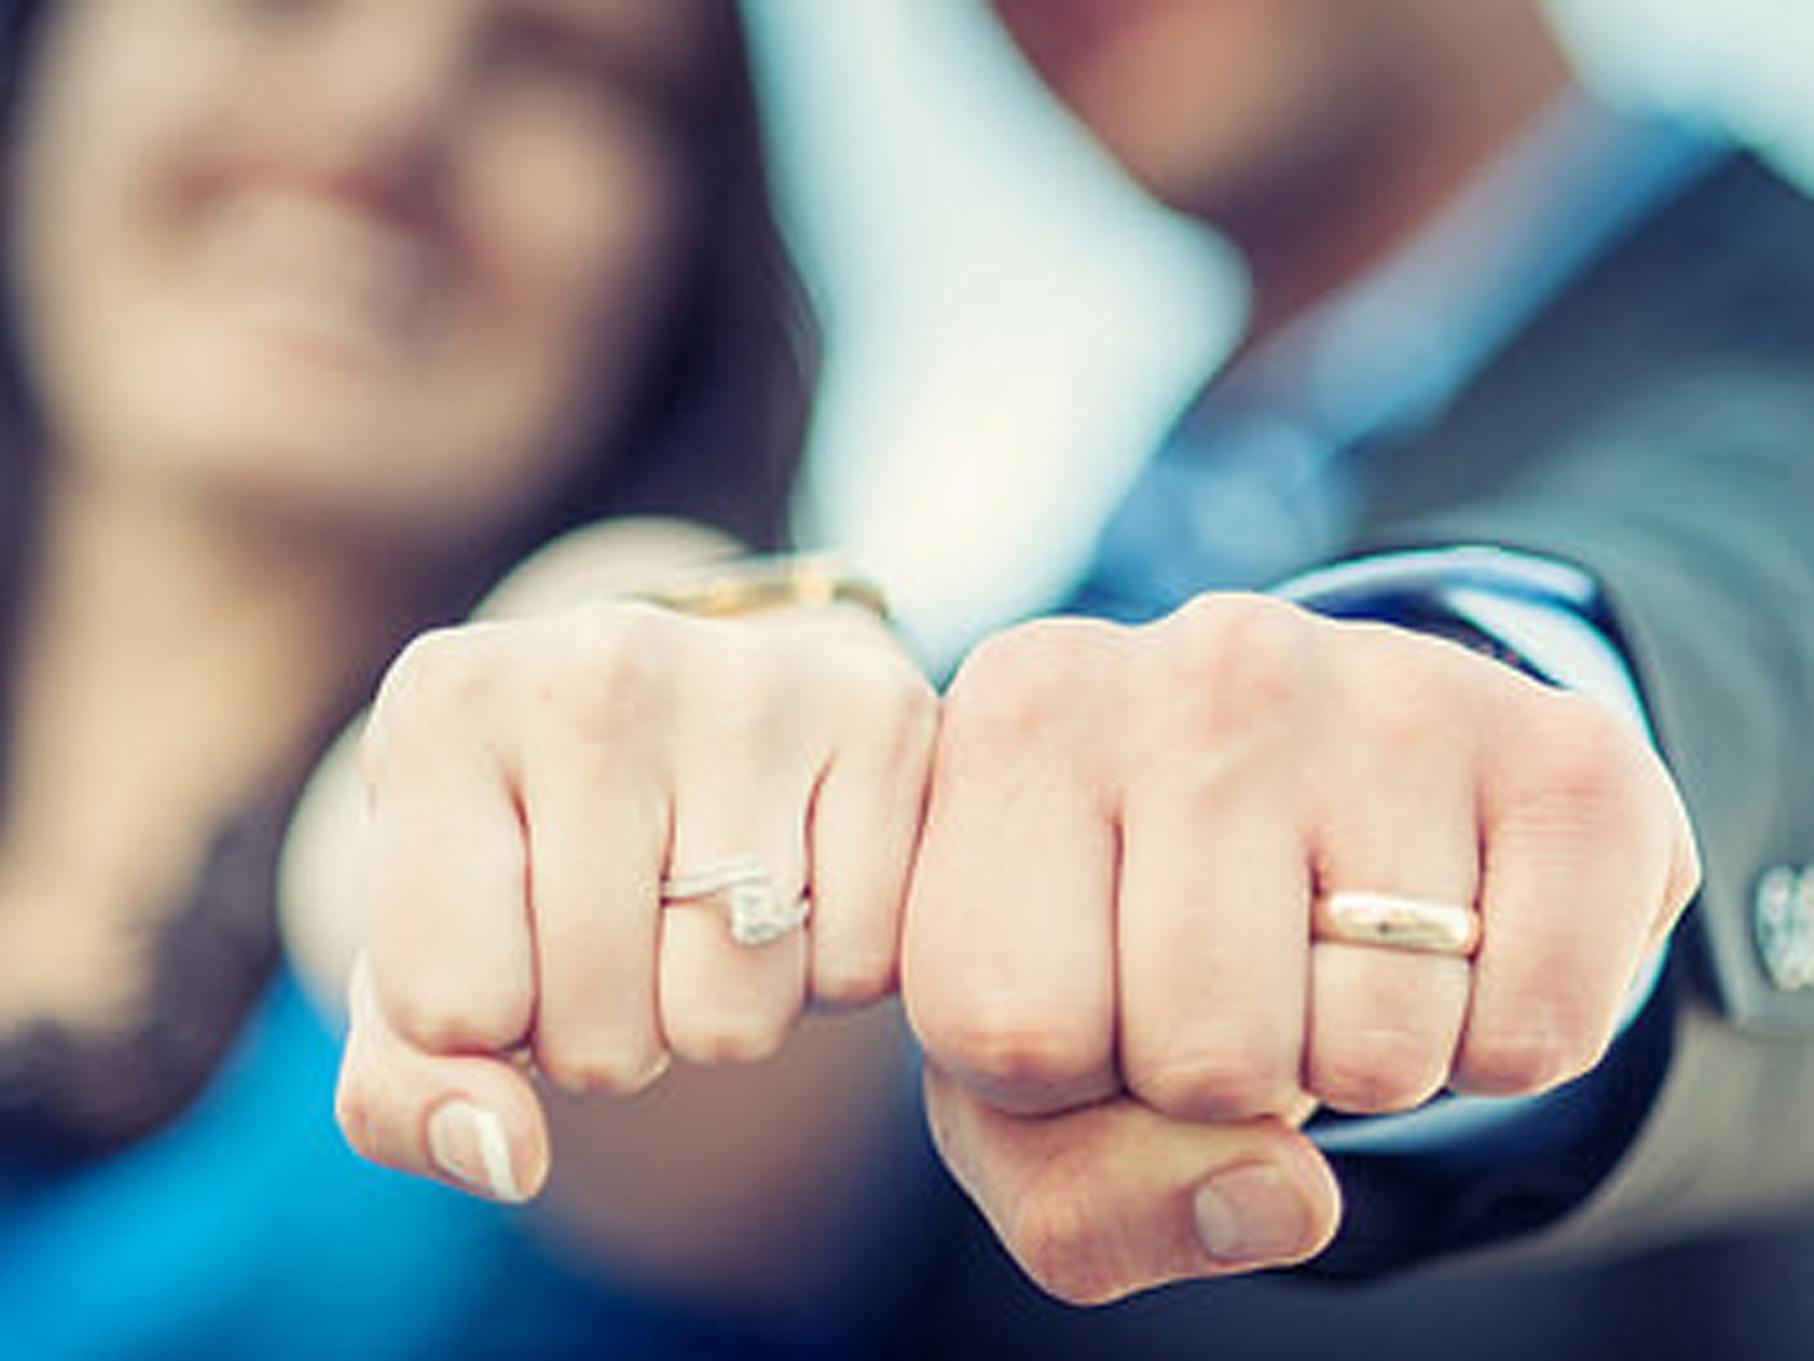 イマドキな結婚指輪は一味違う!